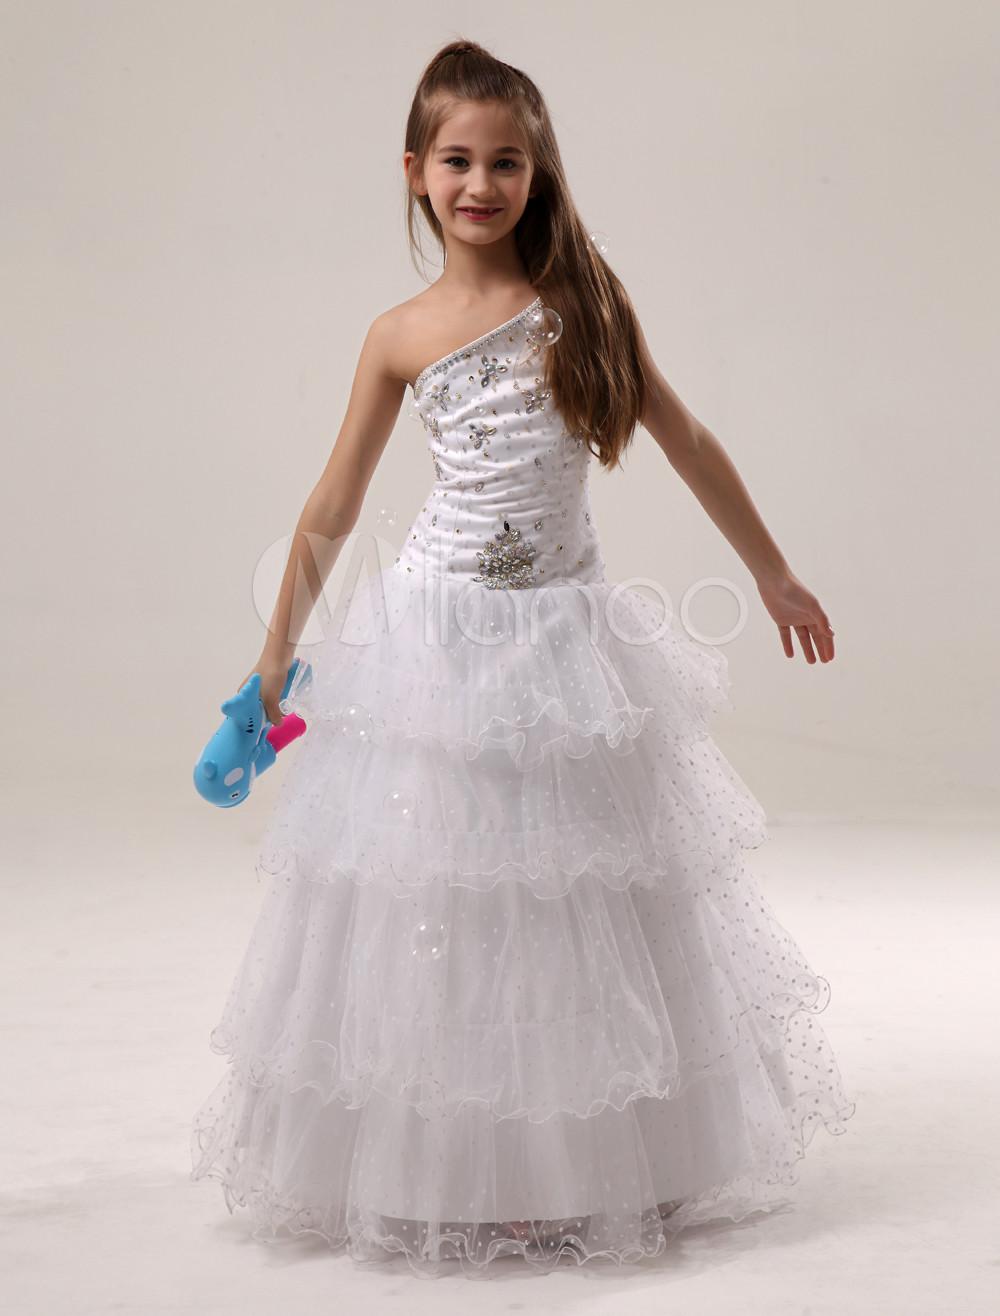 5b82966f17b3 Vestito da bambina bianco a-linea in tulle con perline a terra - Milanoo.com